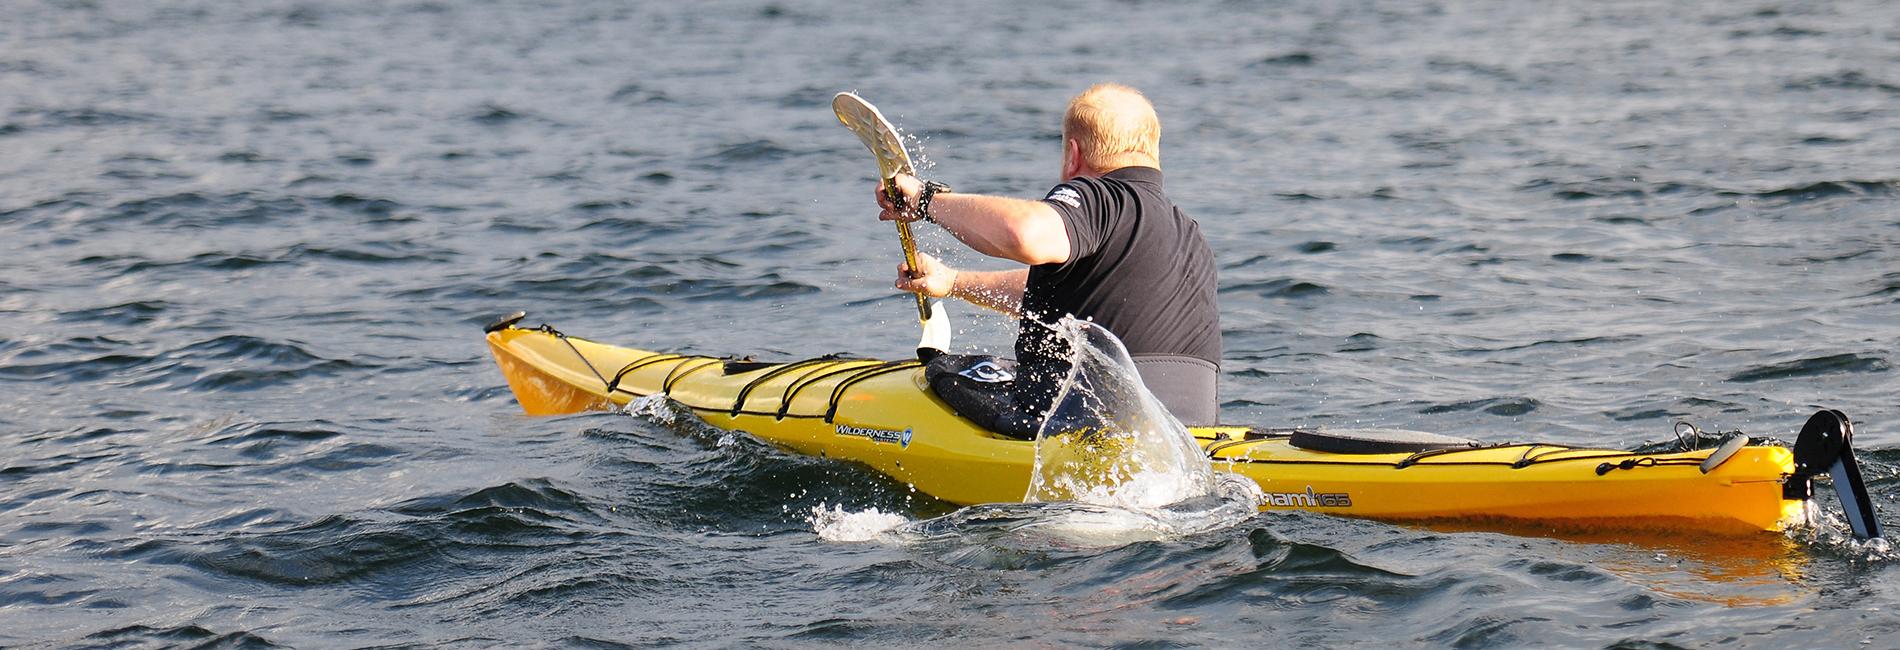 Ein Mann der im gelben Kajak am Traunsee paddelt